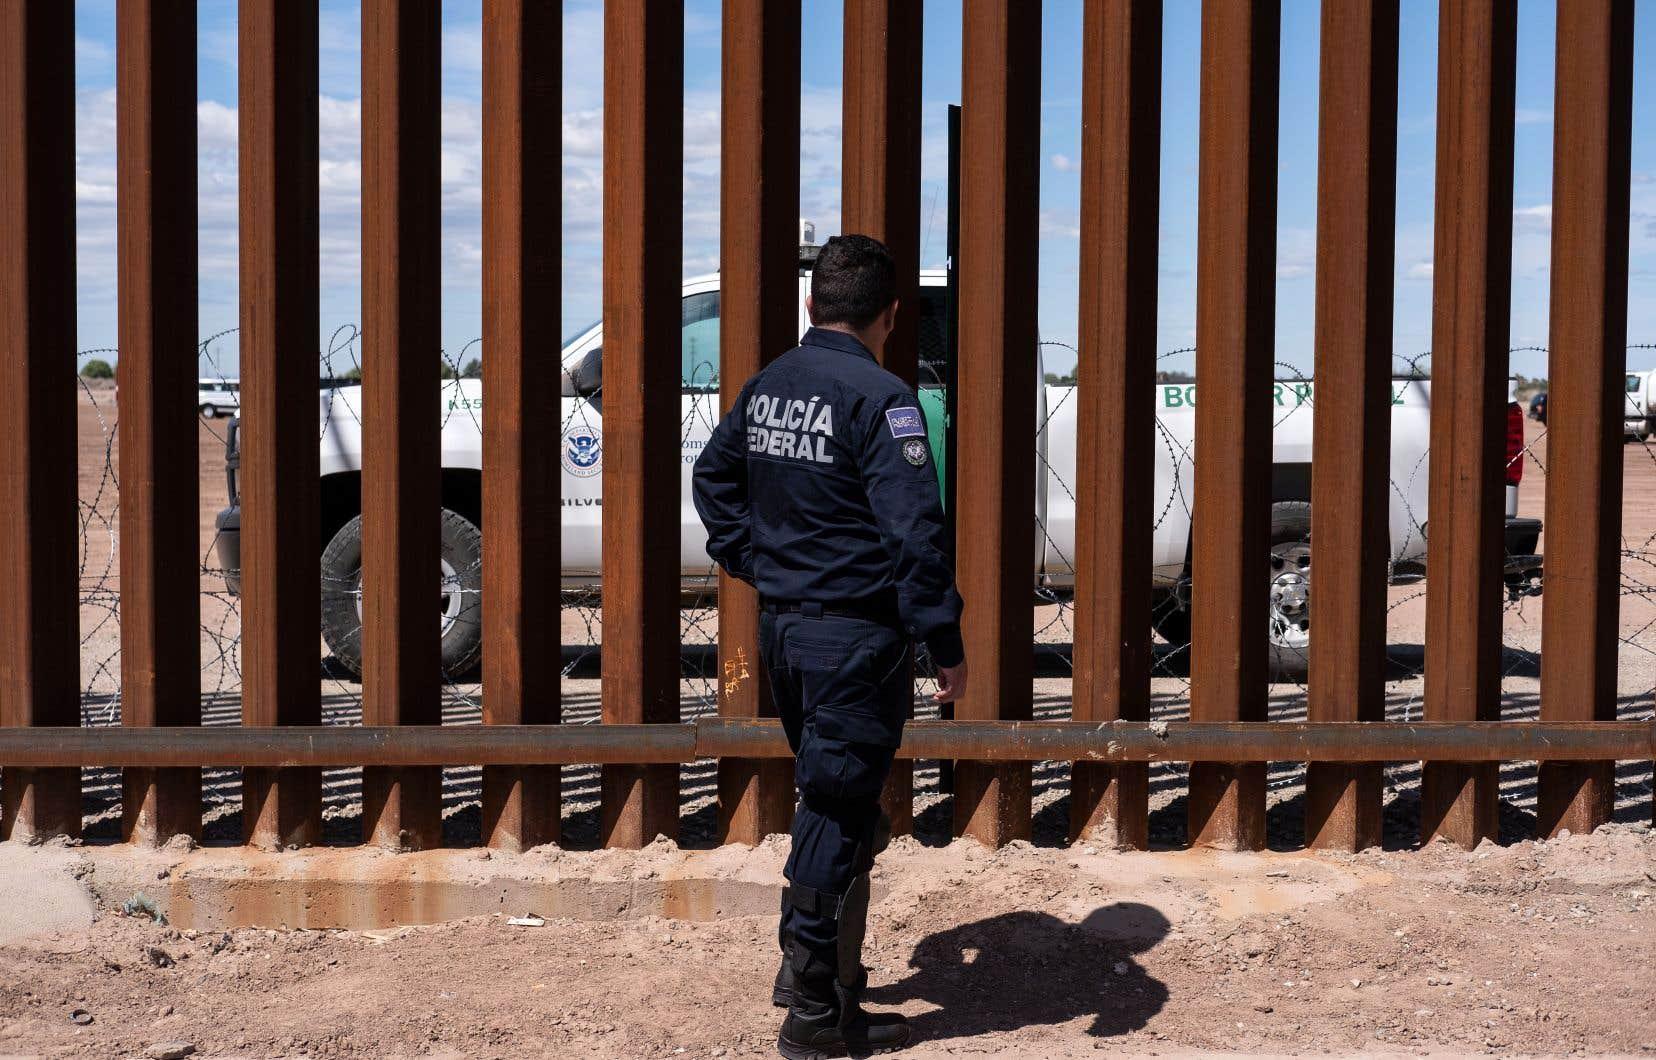 Une unité de patrouille frontalière (derrière la clôture) et un garde de la police fédérale du Mexique, aux abords de la frontière américano-mexicaine